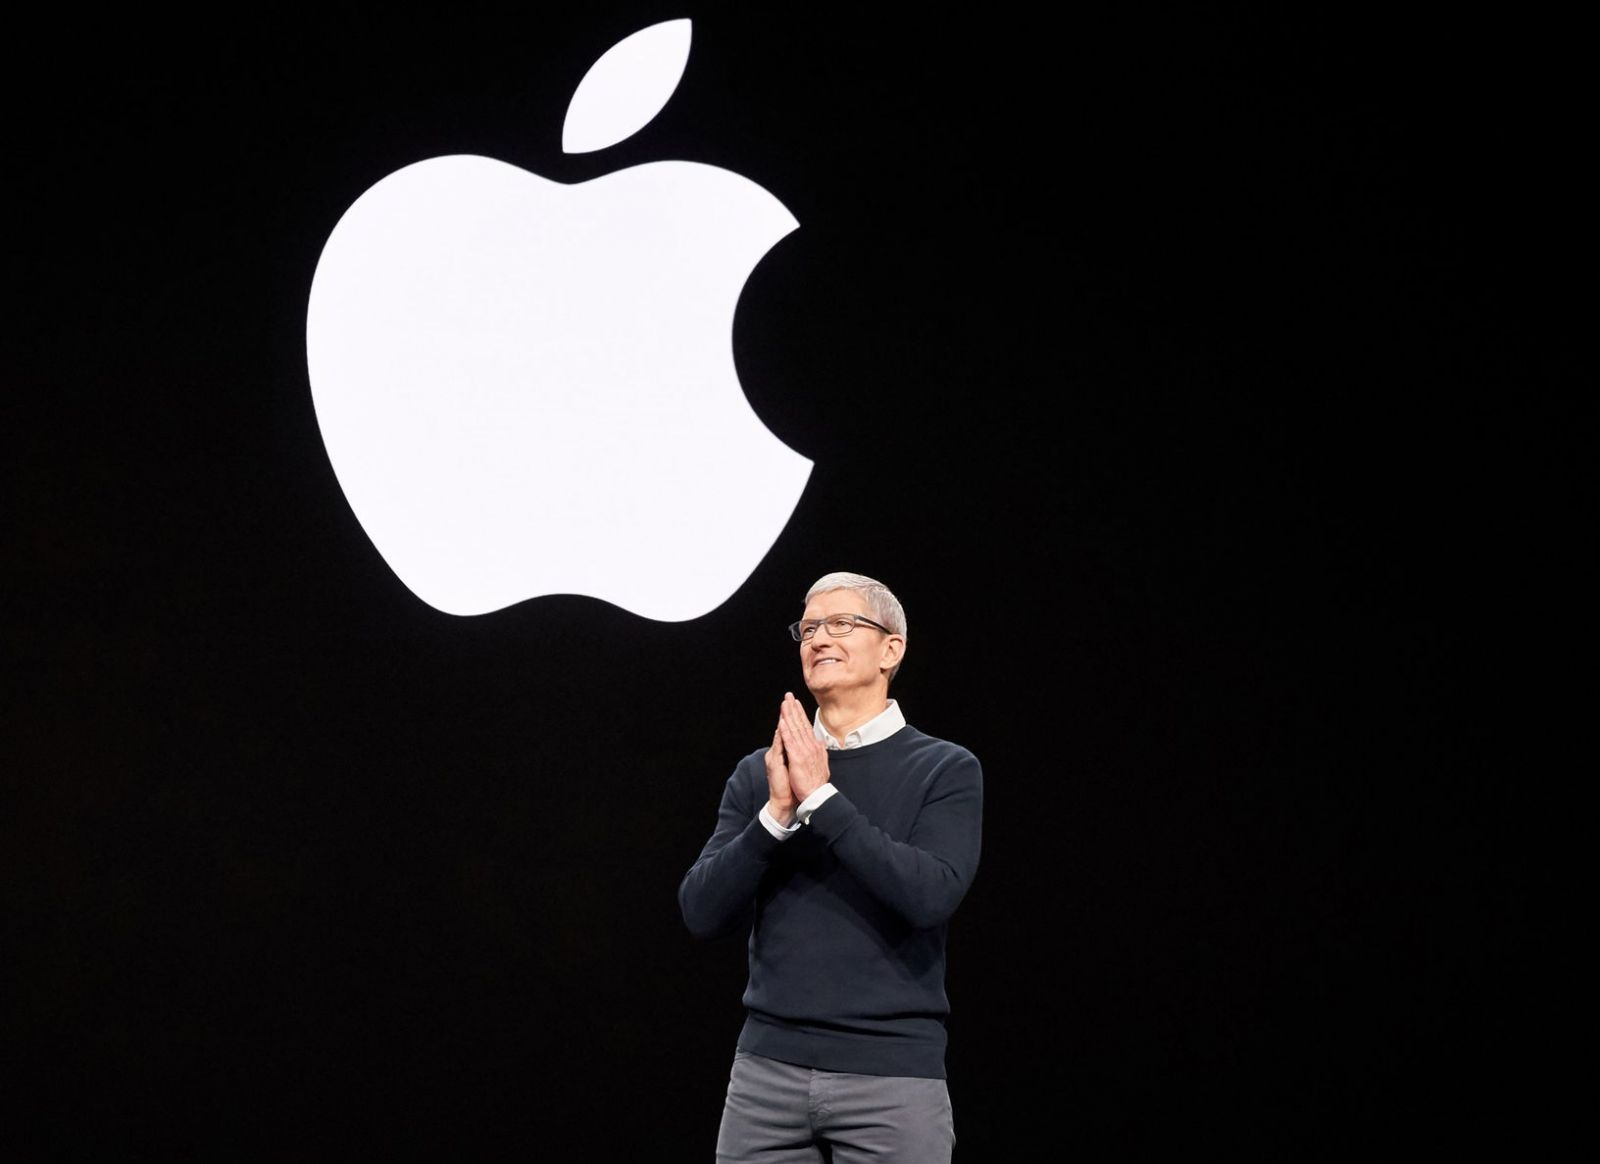 Apple sa opäť podriadil tlaku. Tentokrát ustúpil Rusku a zmenil mapy na Kryme